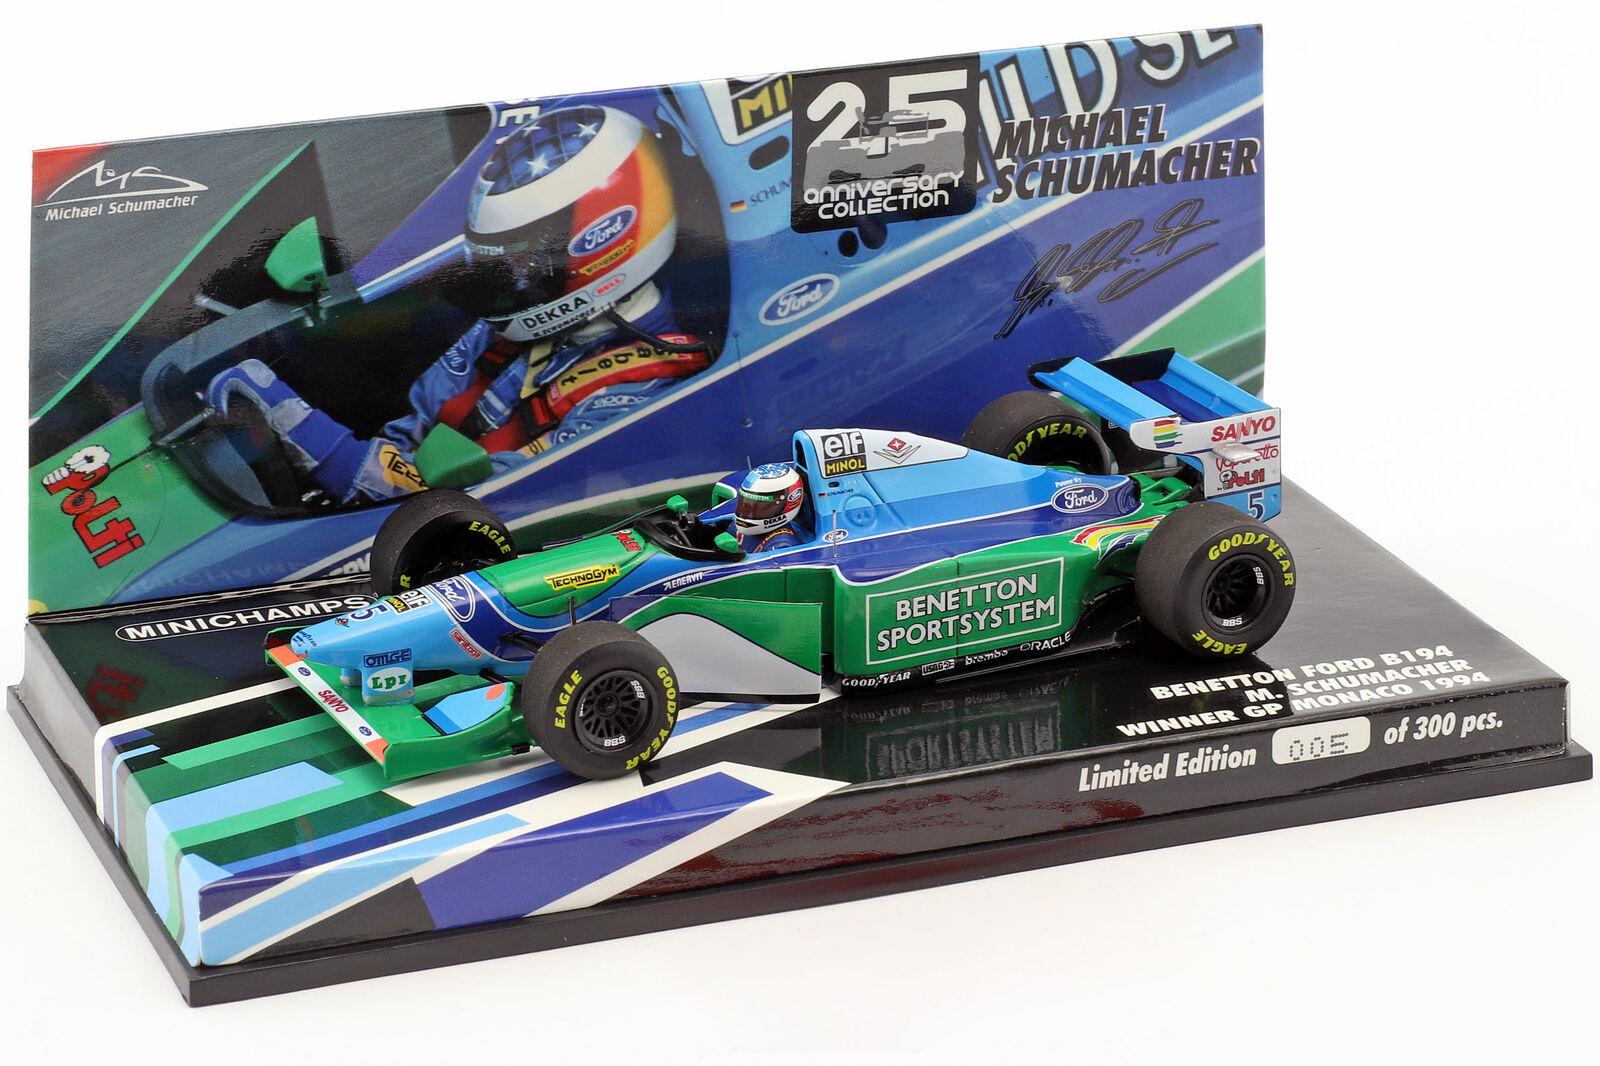 M. Schumacher benetton b194 champion du monde Monaco GP Formule 1 1994 1 43 Minichamps